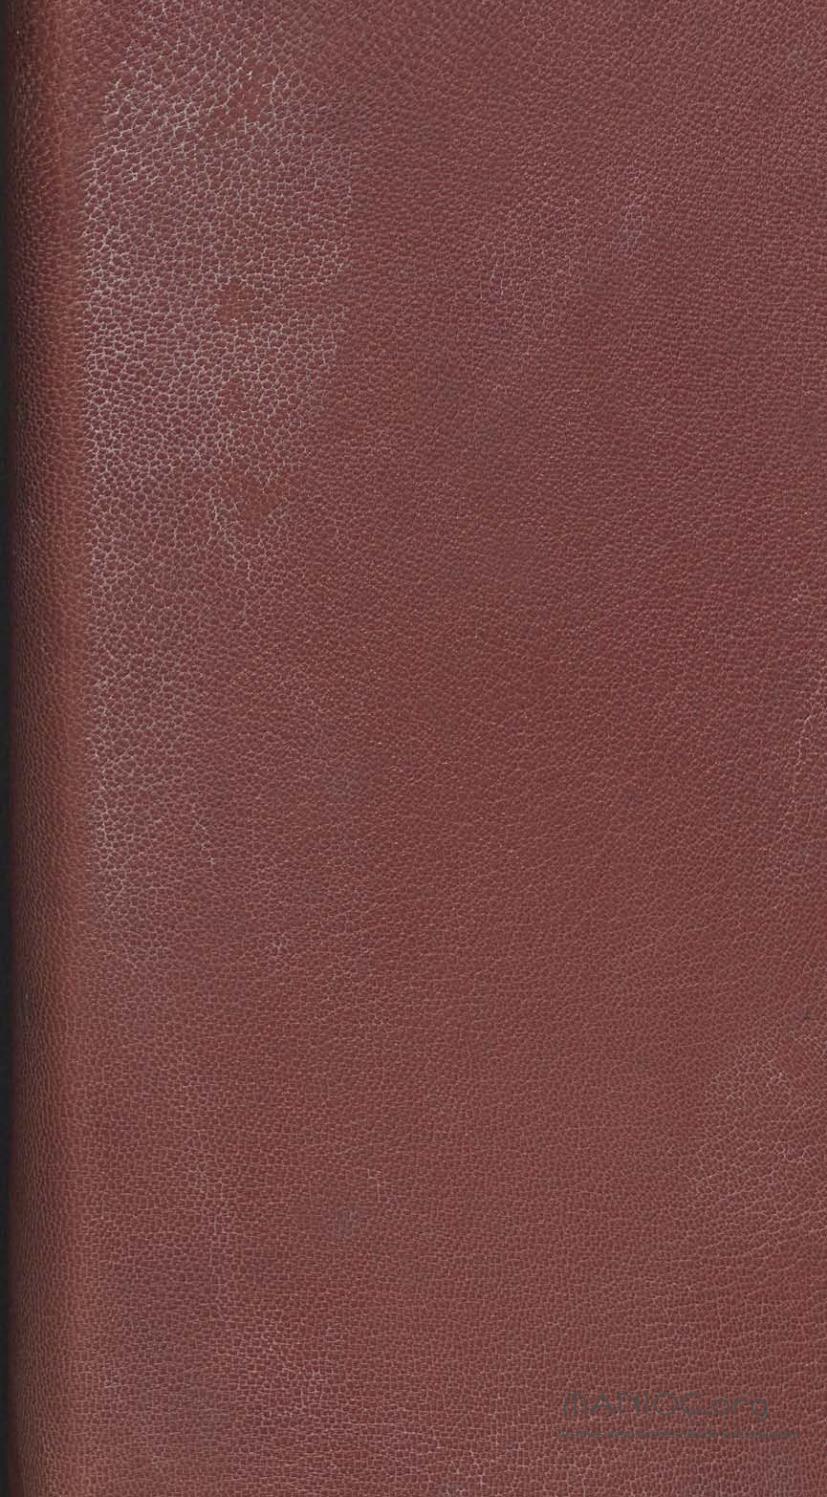 9fd6c3af86485c Souvenirs des Antilles : Voyage en 1815 et 1816, aux États-Unis et dans  l'archipel Caraïbe . Tome 2 by Bibliothèque numérique Manioc / SCD  Université ...